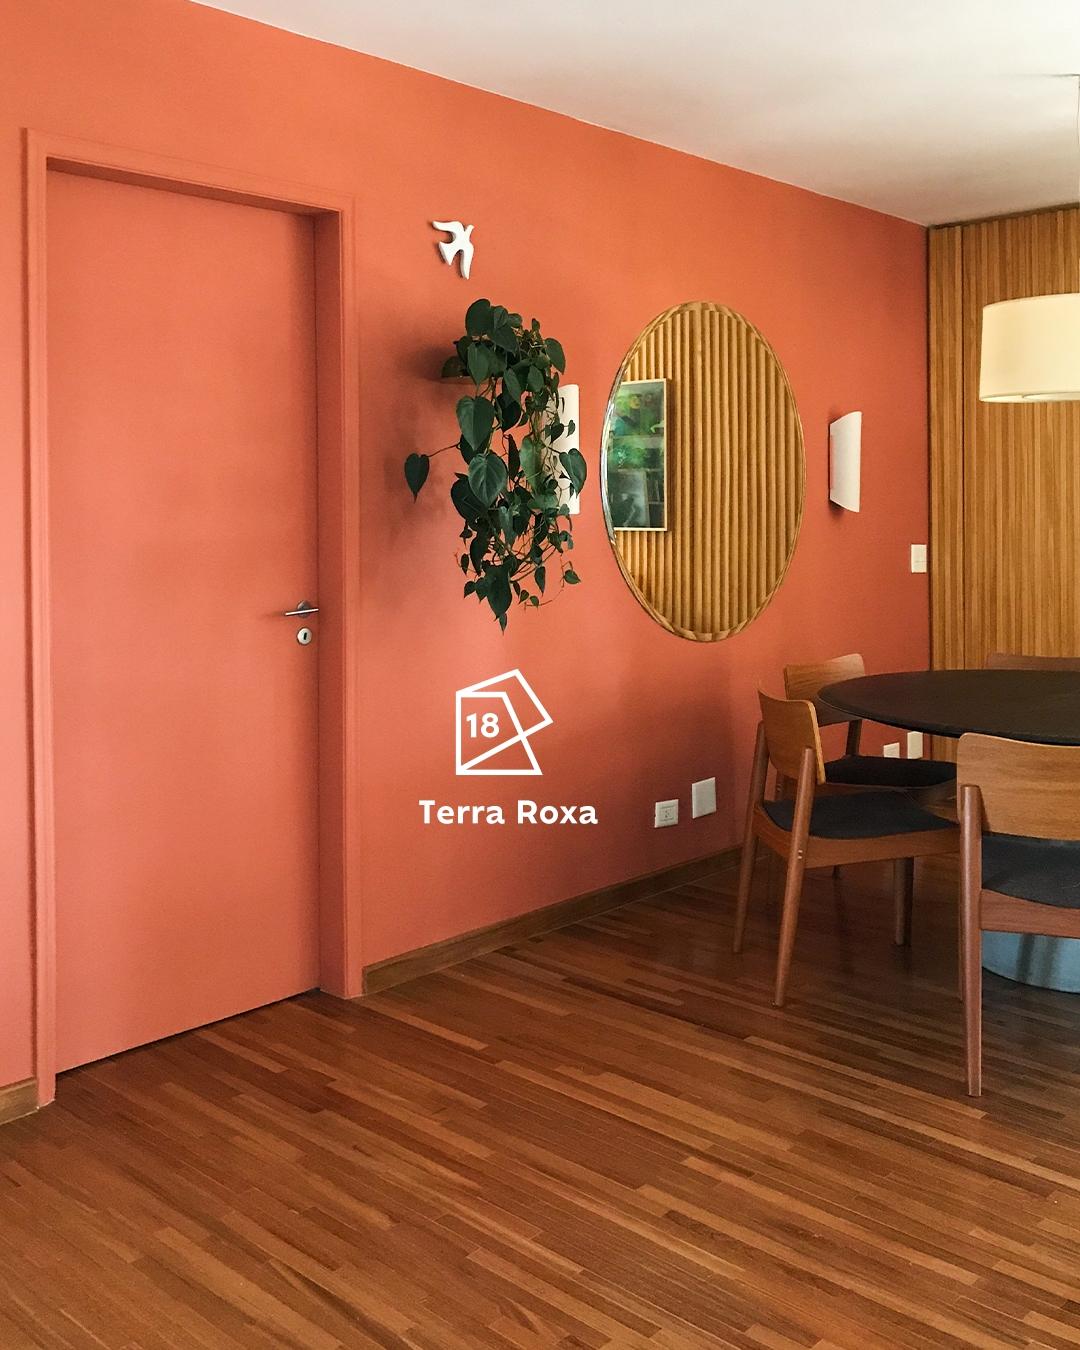 Na foto, vista da sala de Joana Lira com a parede ao fundo pintada de Terra Roxa e seu ícone de cor do ano 2018, um espelho pendurado e uma planta. Ao lado esquerdo, temos uma porta também pintada na cor. Ao lado direito, uma mesa redonda e duas cadeiras.